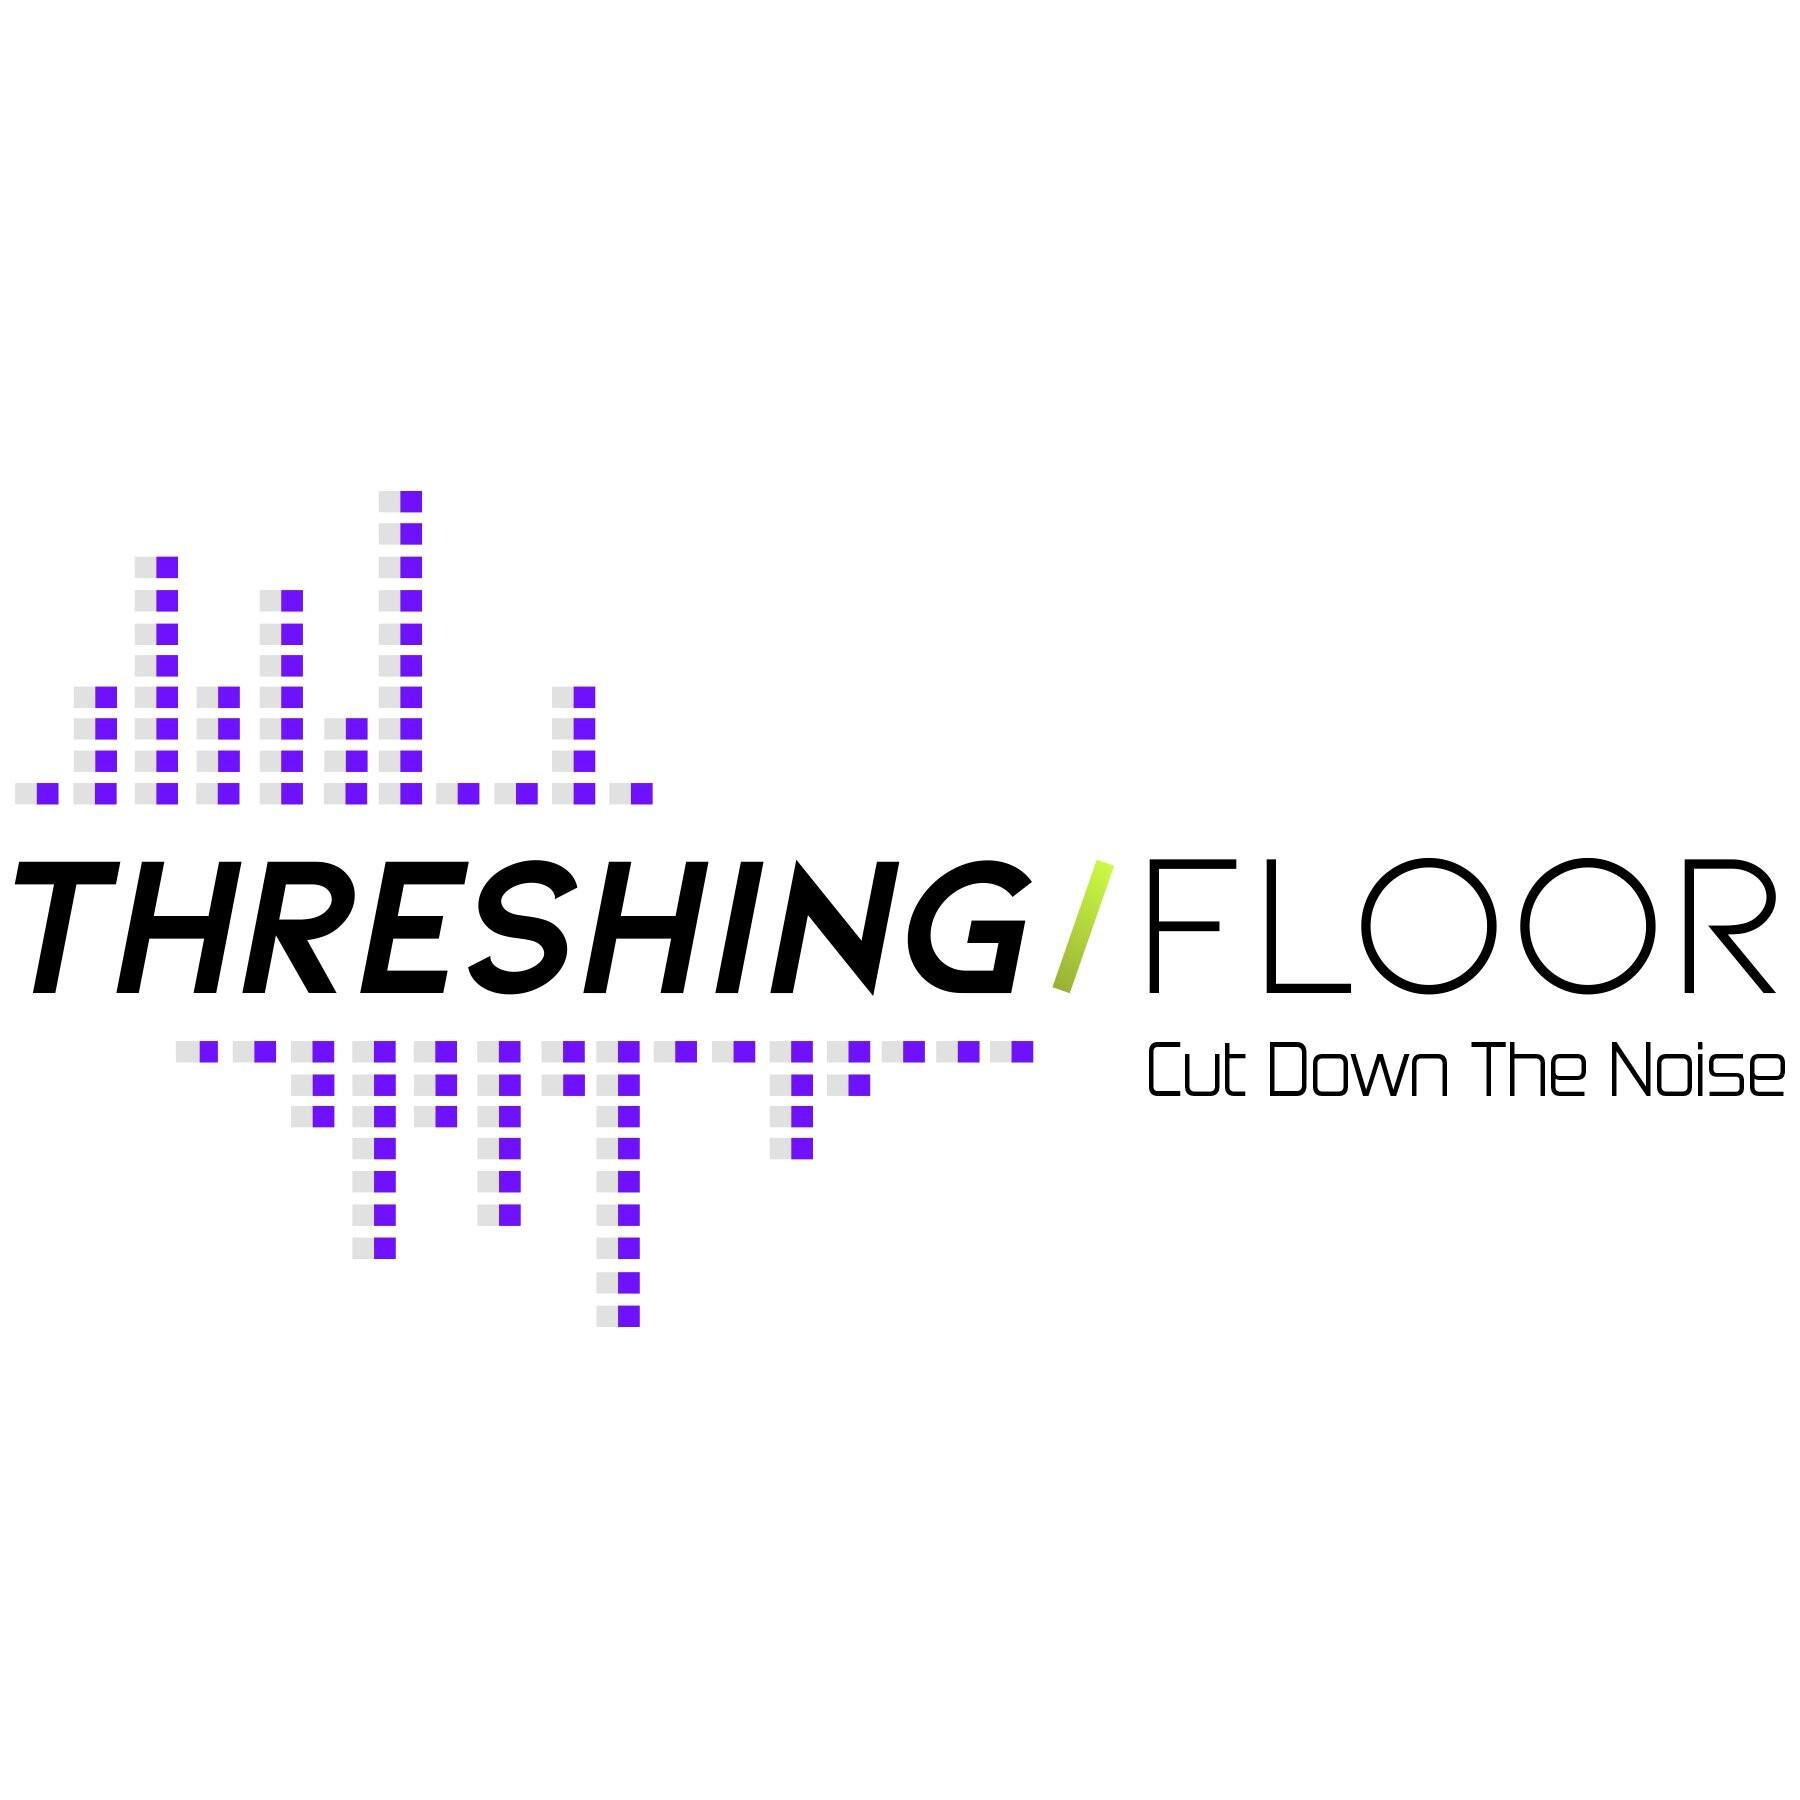 ThreshingFloor